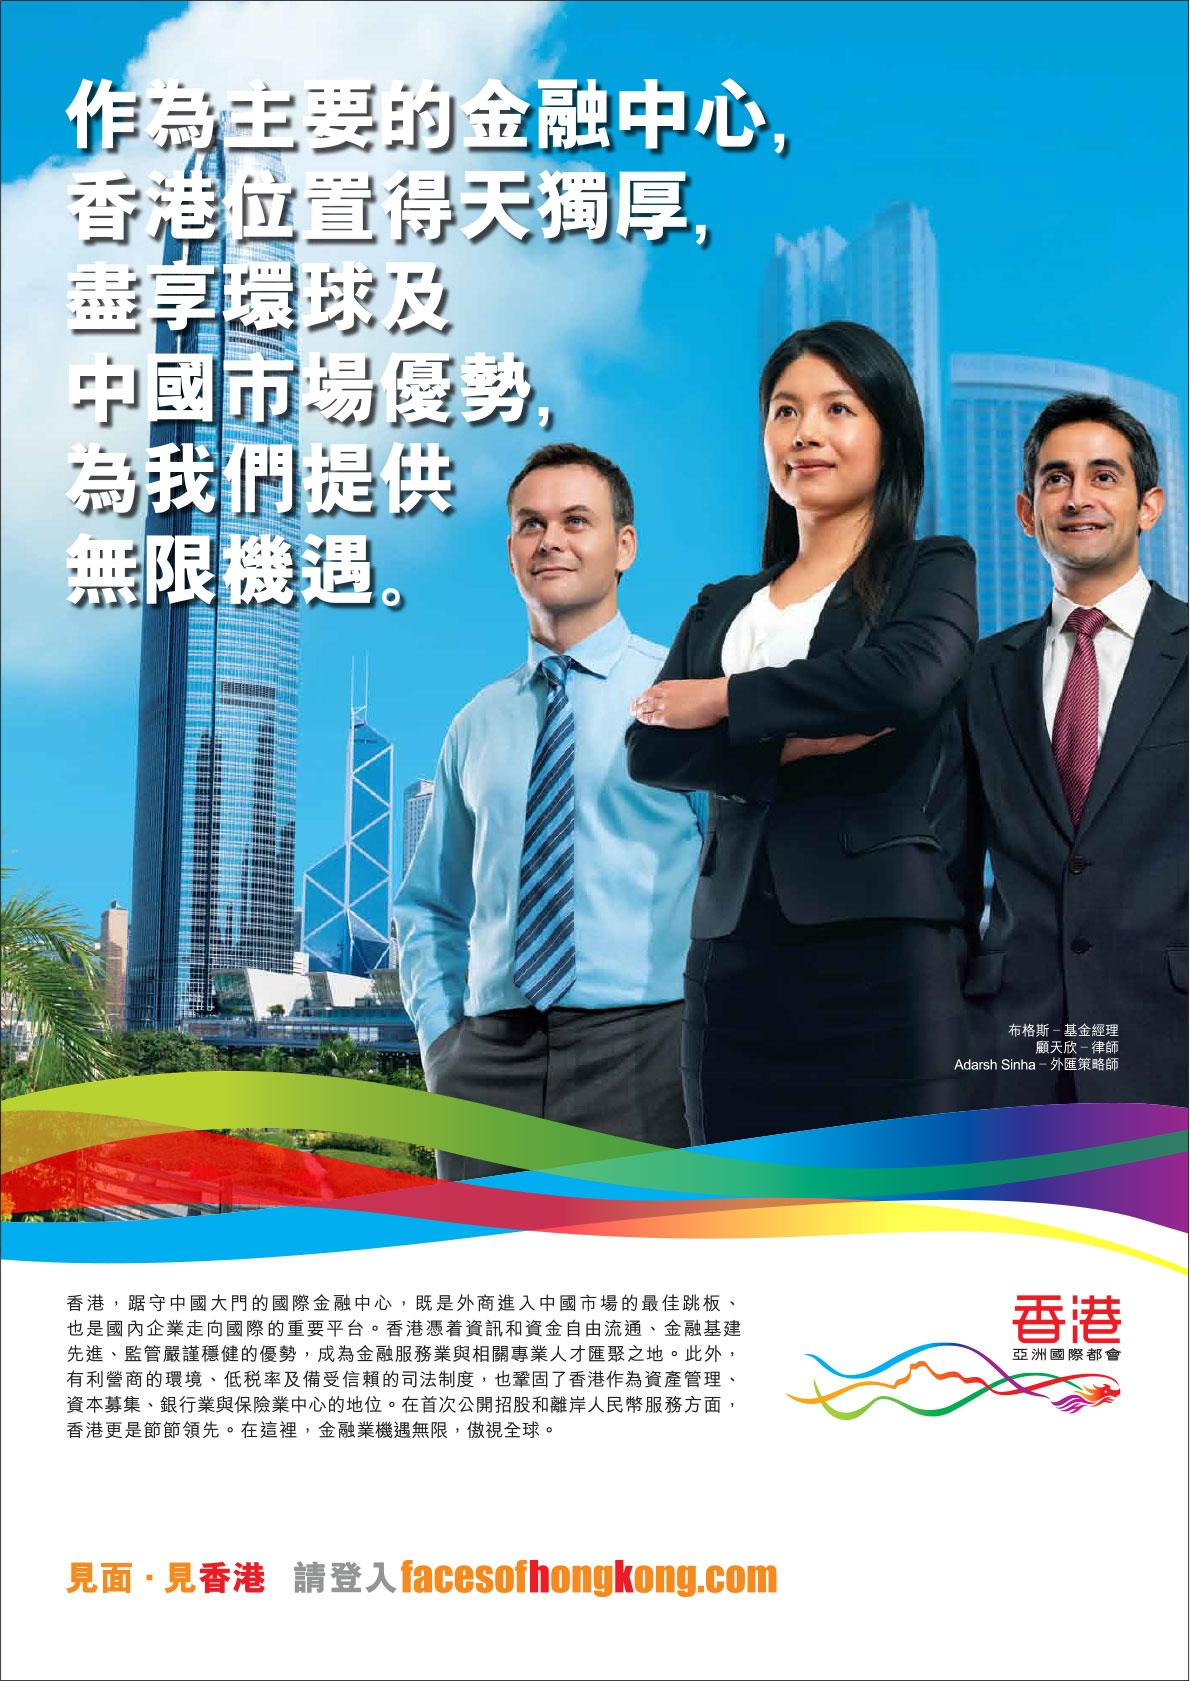 見面 • 見香港 - 布格斯, 顧天欣, Adarsh Sinha